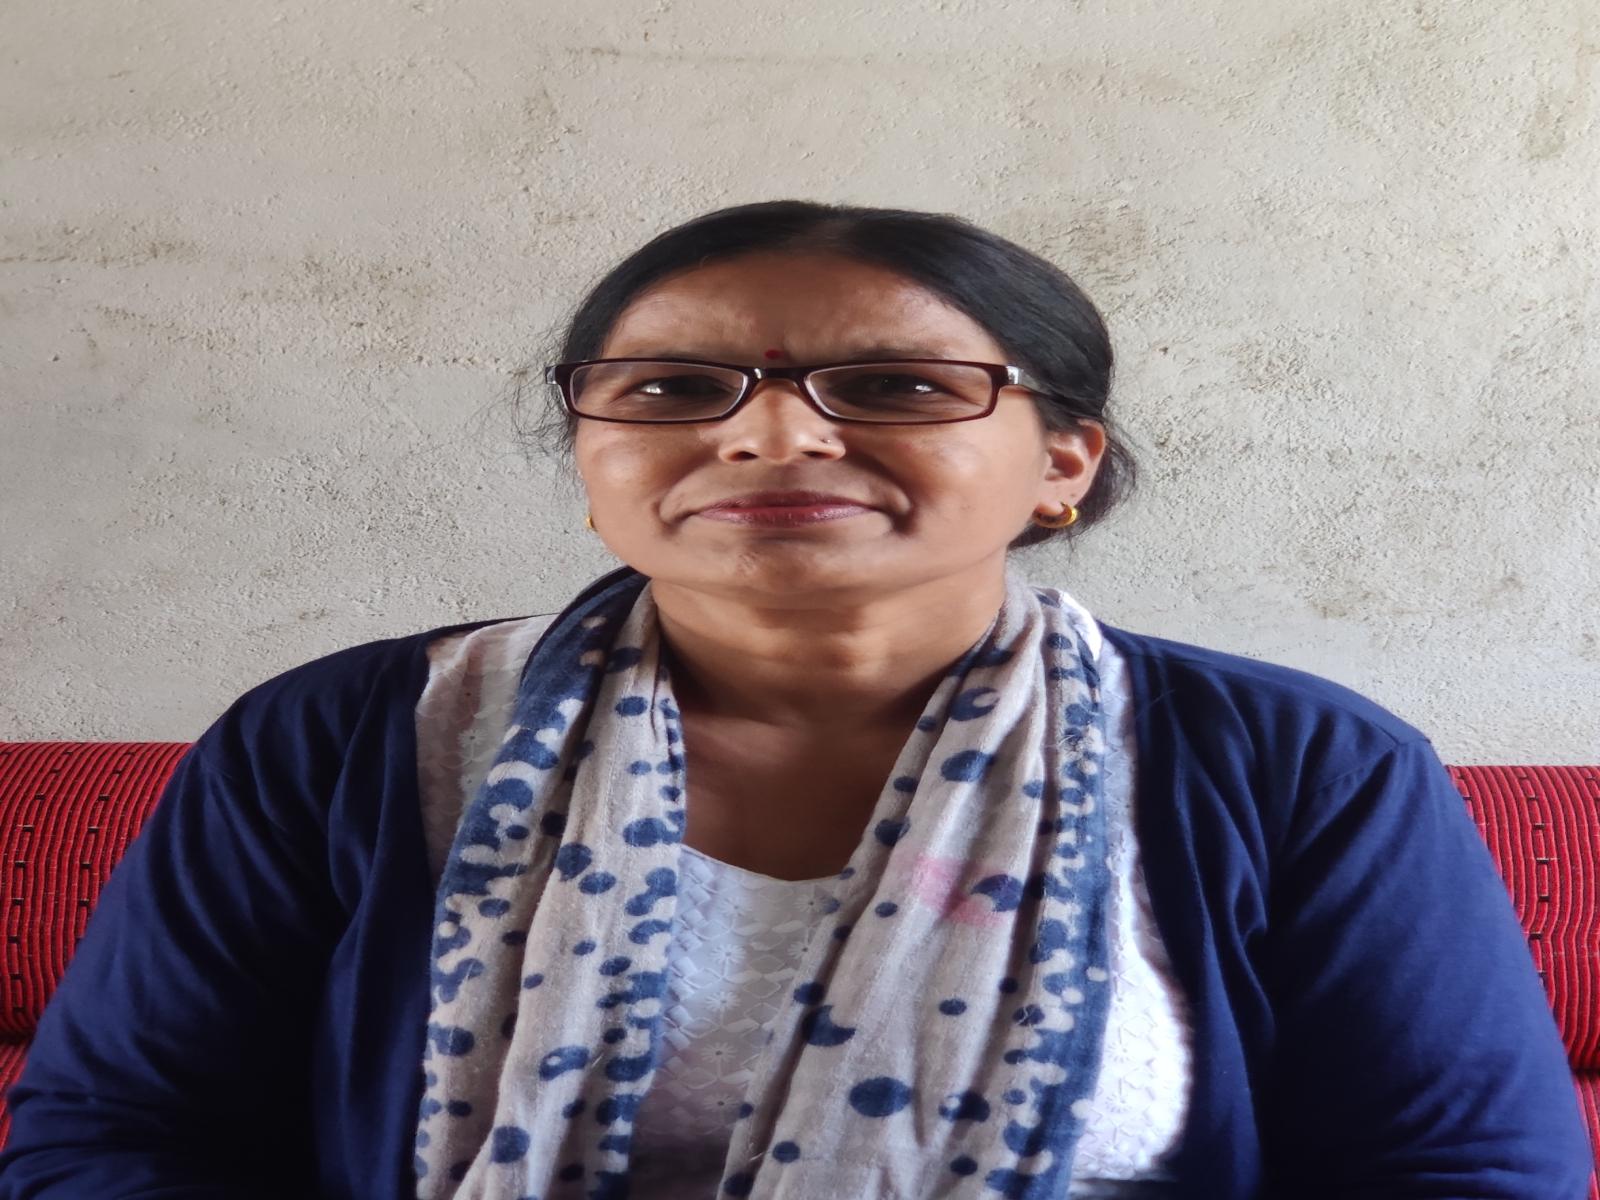 सिन्धु कुमारी पाण्डे graphic